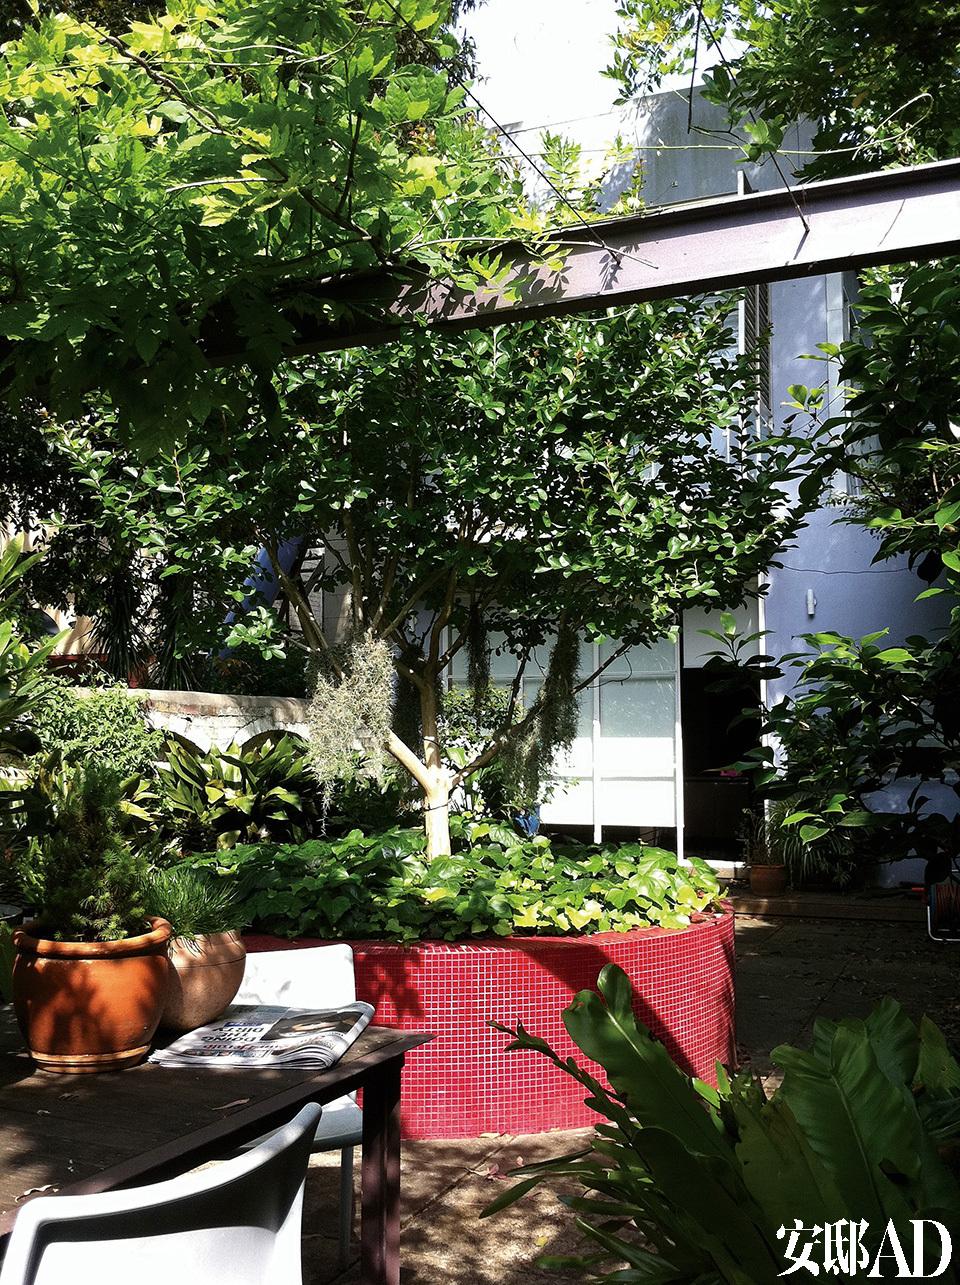 树荫之下的花园有着充分的休闲空间,红色马赛克瓷砖装饰的高身花槽中种着紫薇花。